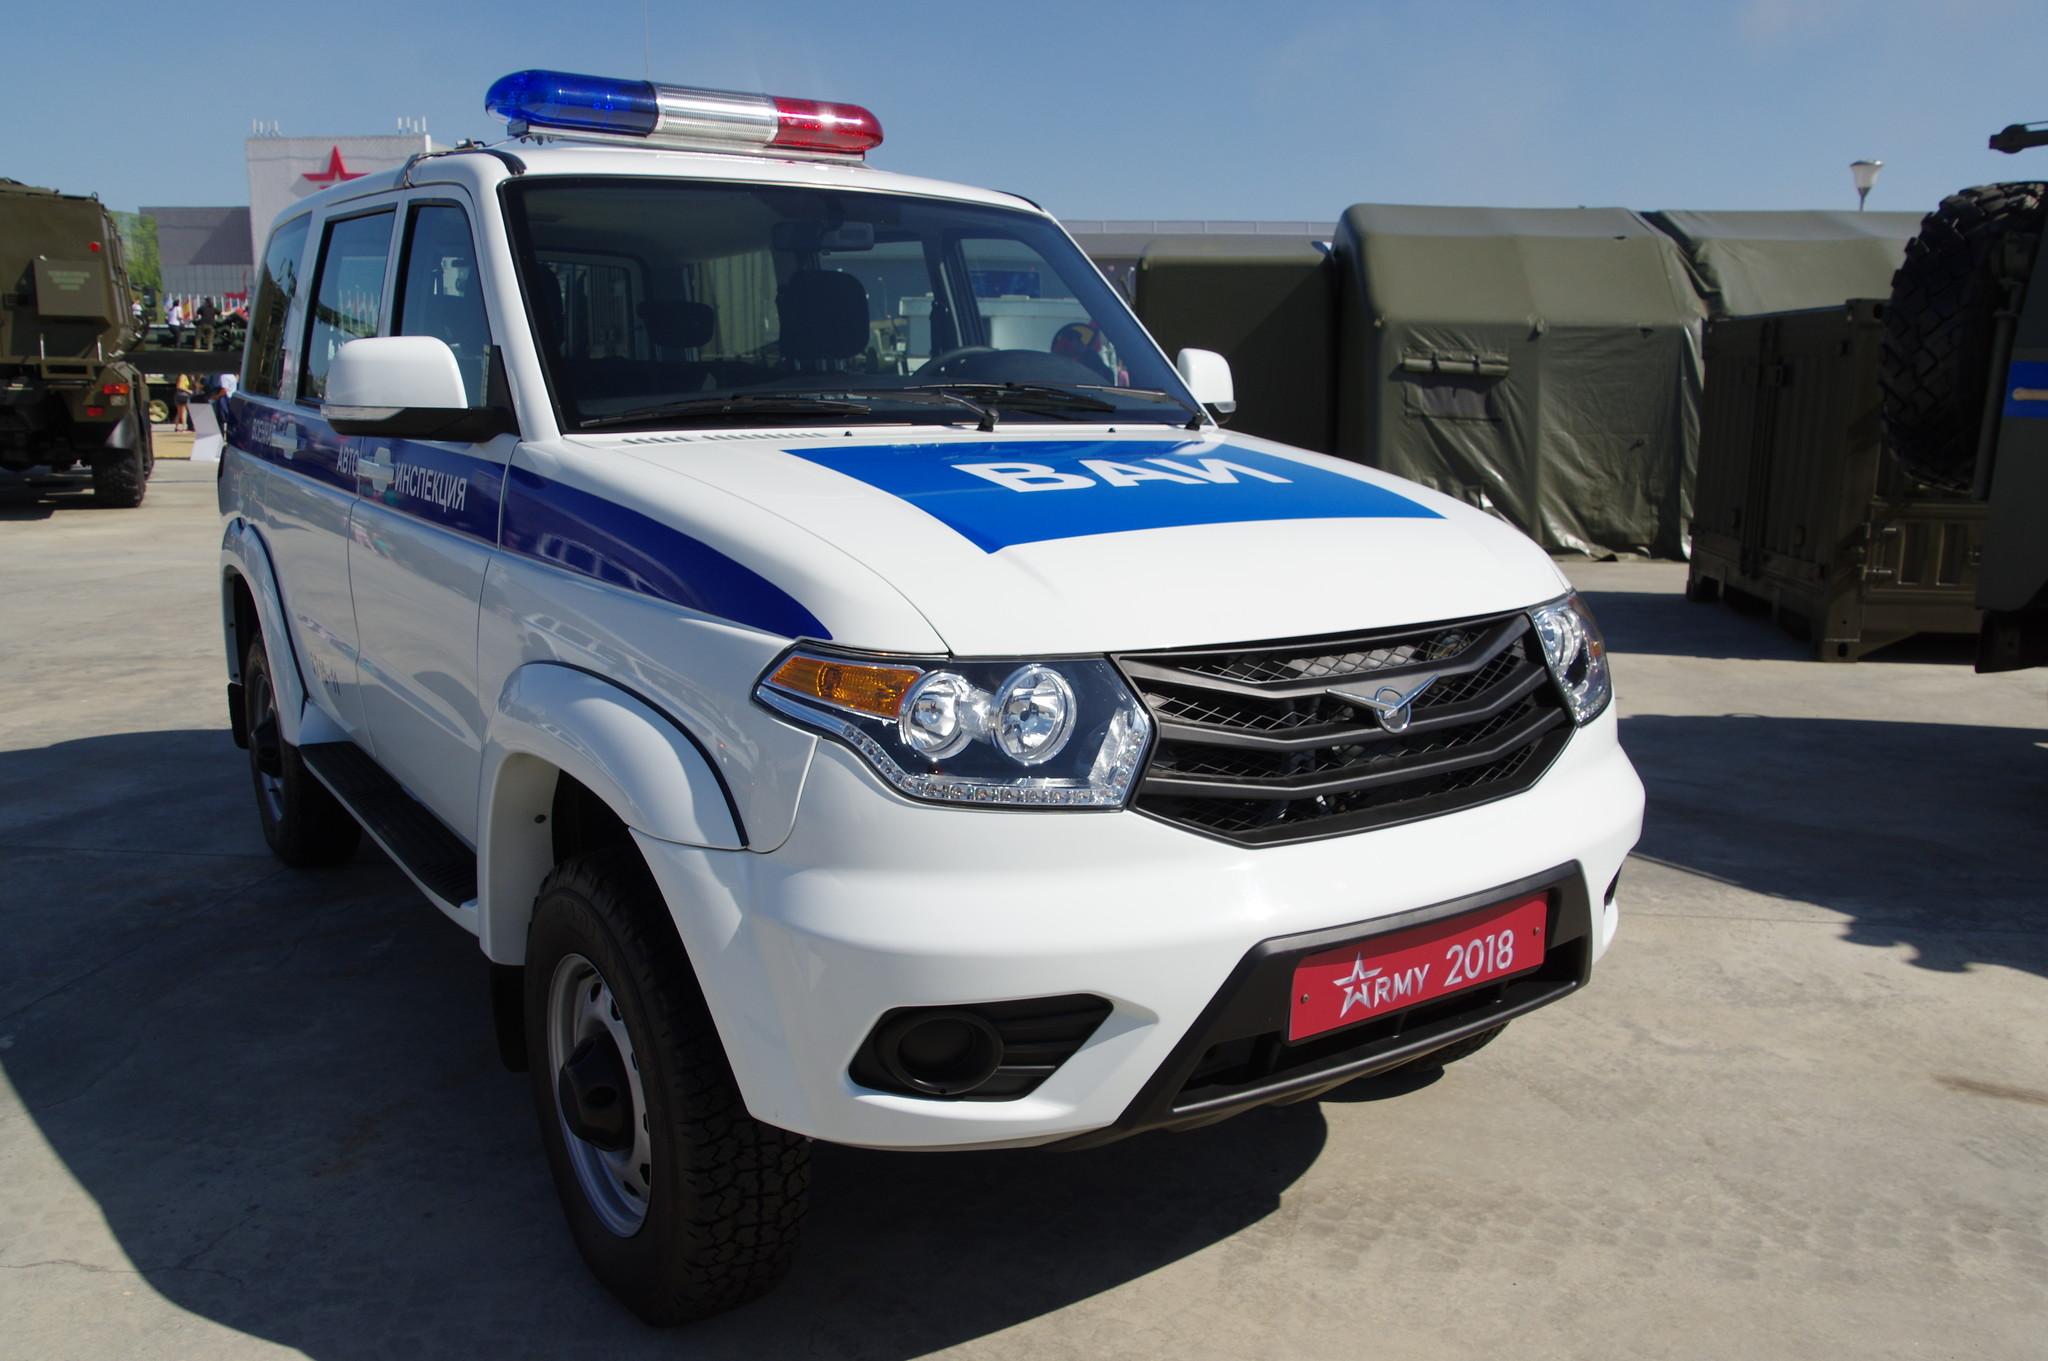 Автомобиль дорожно-патрульной службы военной автомобильной инспекции УАЗ-3163-103-62